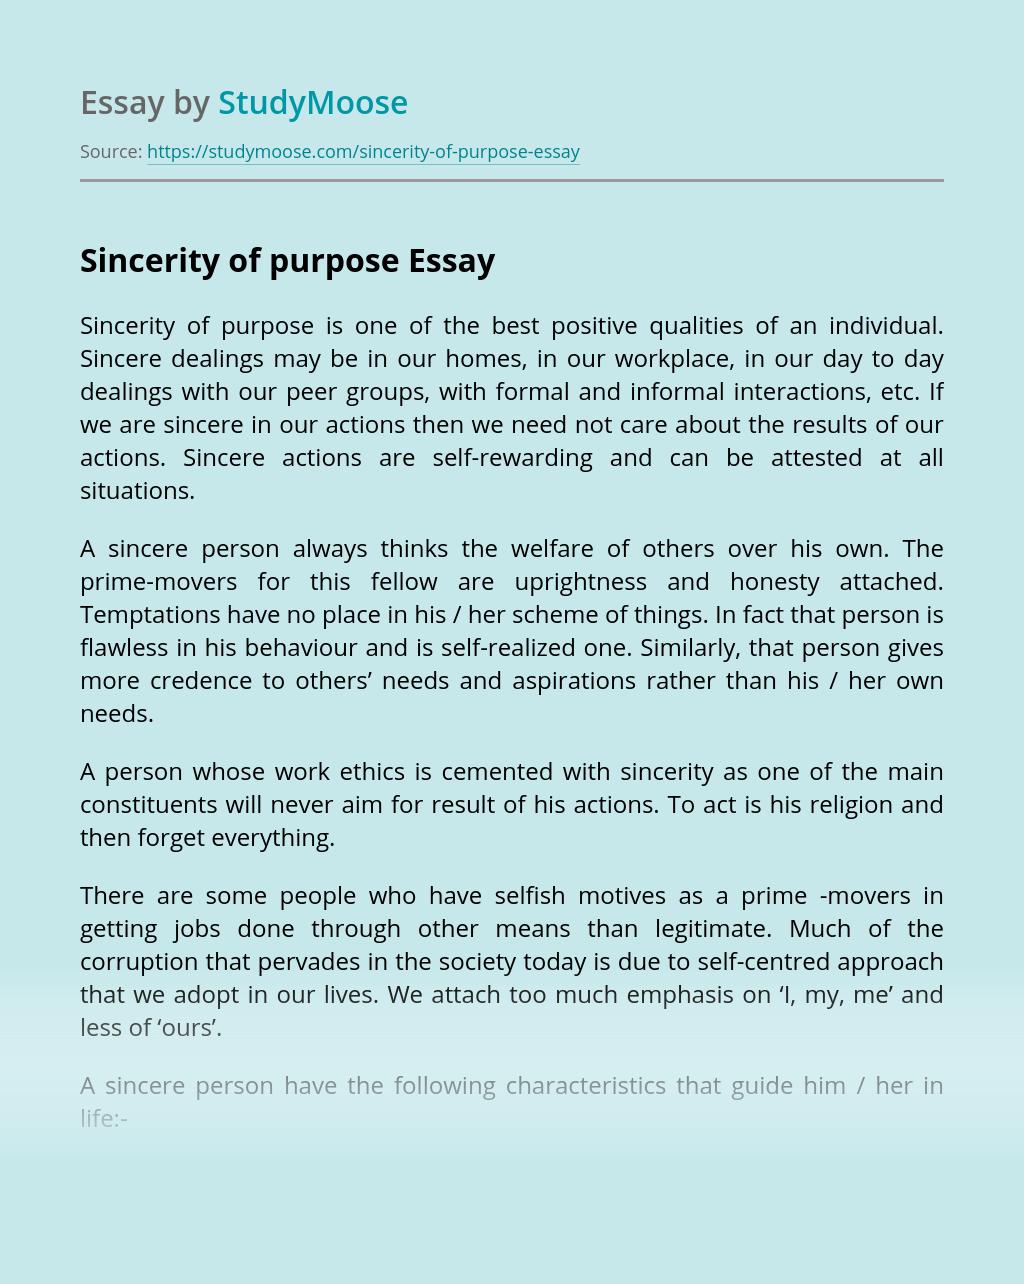 Sincerity of Purpose